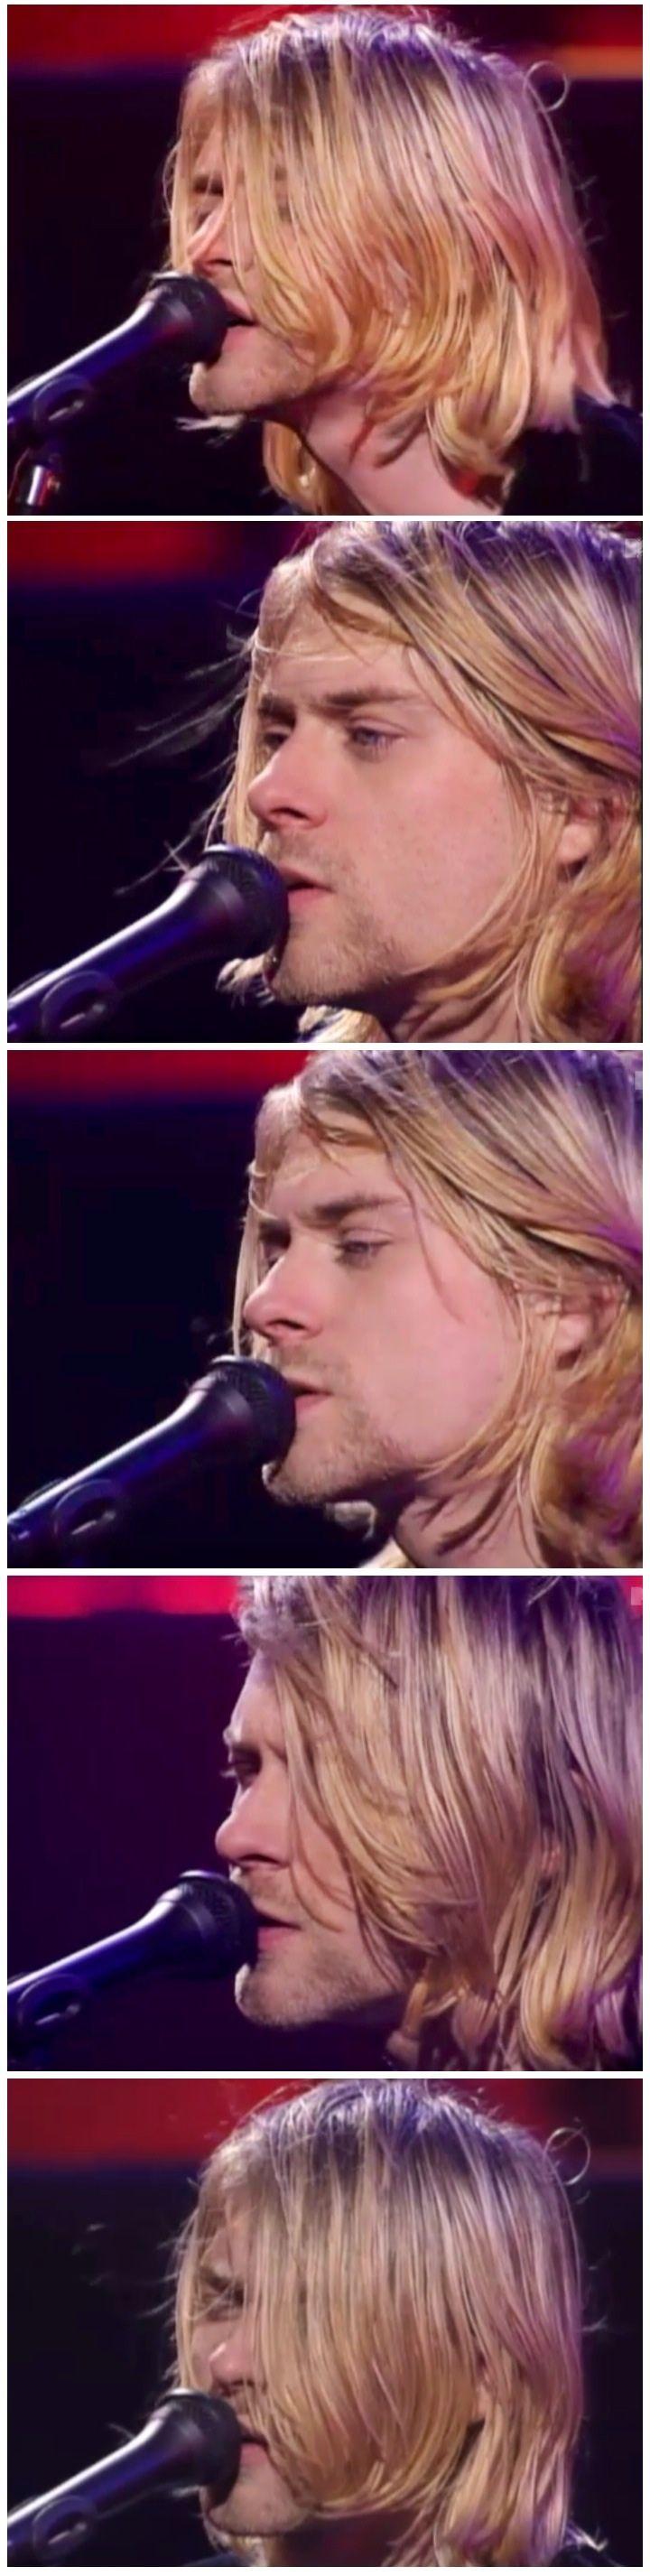 «s͙t͙a͙r͙d͙u͙s͙t͙ d͙a͙n͙c͙e͙s͙ i͙n͙ y͙o͙u͙r͙ s͙o͙u͙l͙» I love him so much it's unbelievable